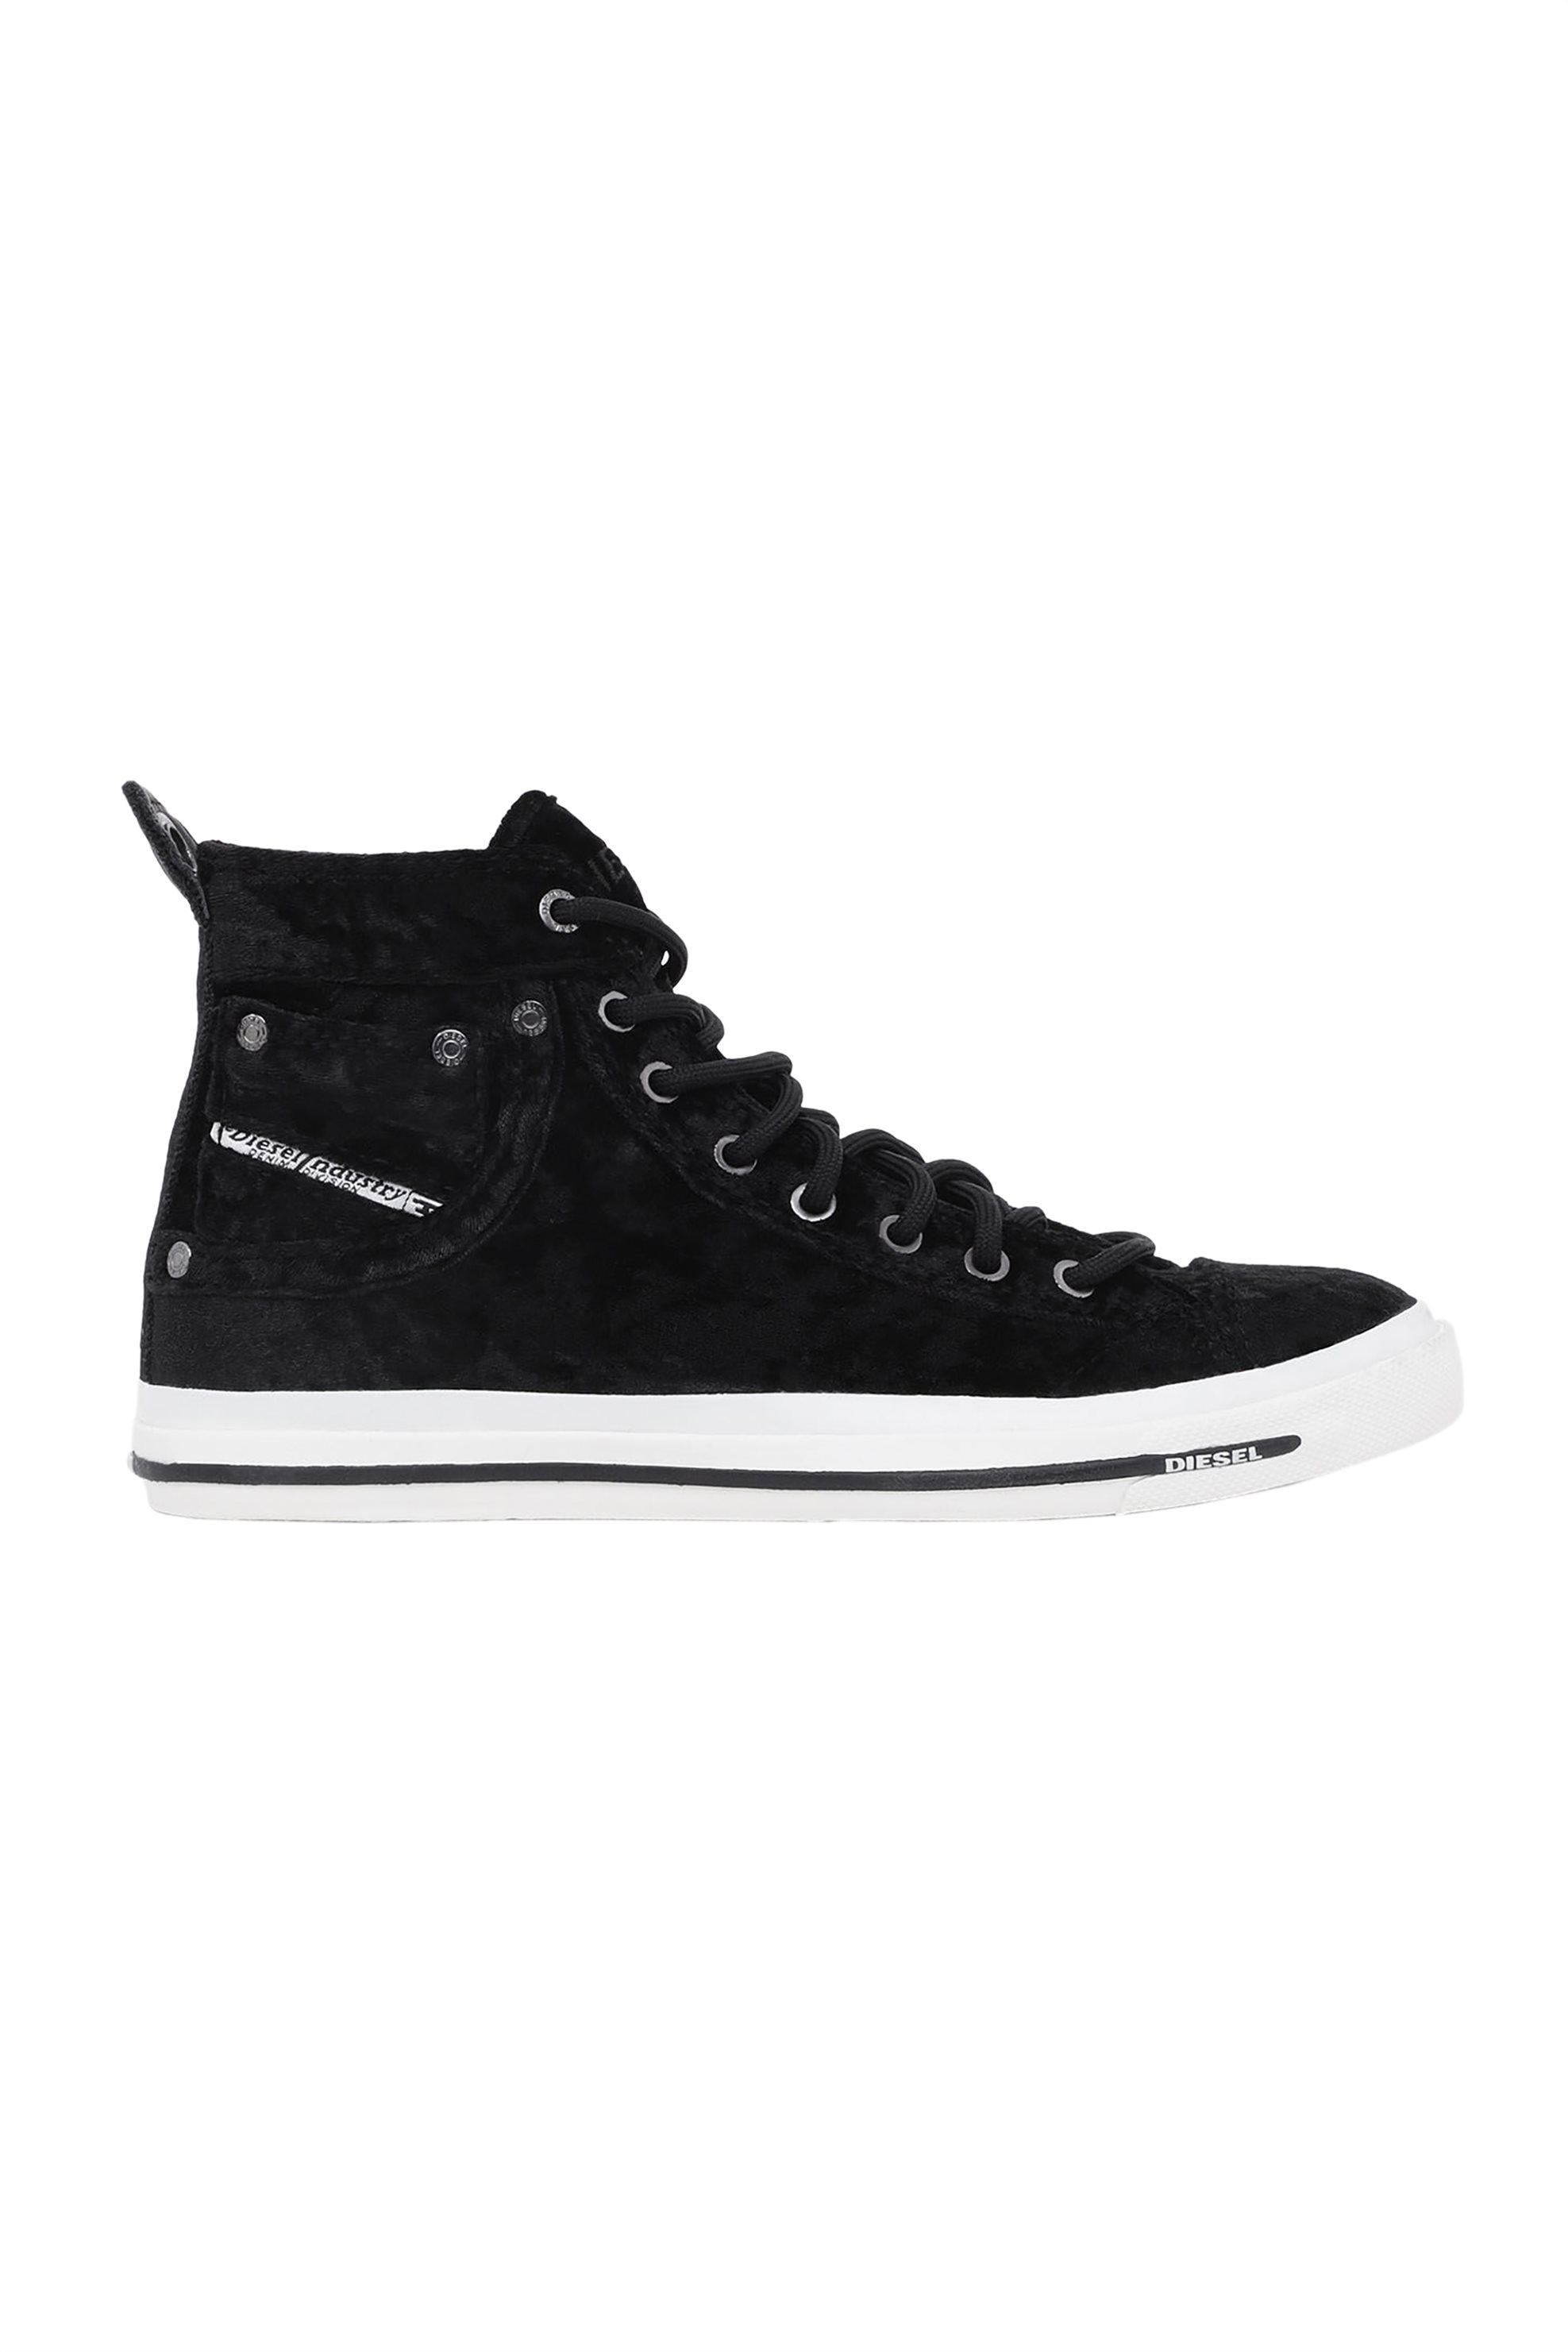 90572f90758 Diesel γυναικεία βελούδινα sneakers με κορδόνια Εxposure - Y00638 P2054 -  Μαύρο